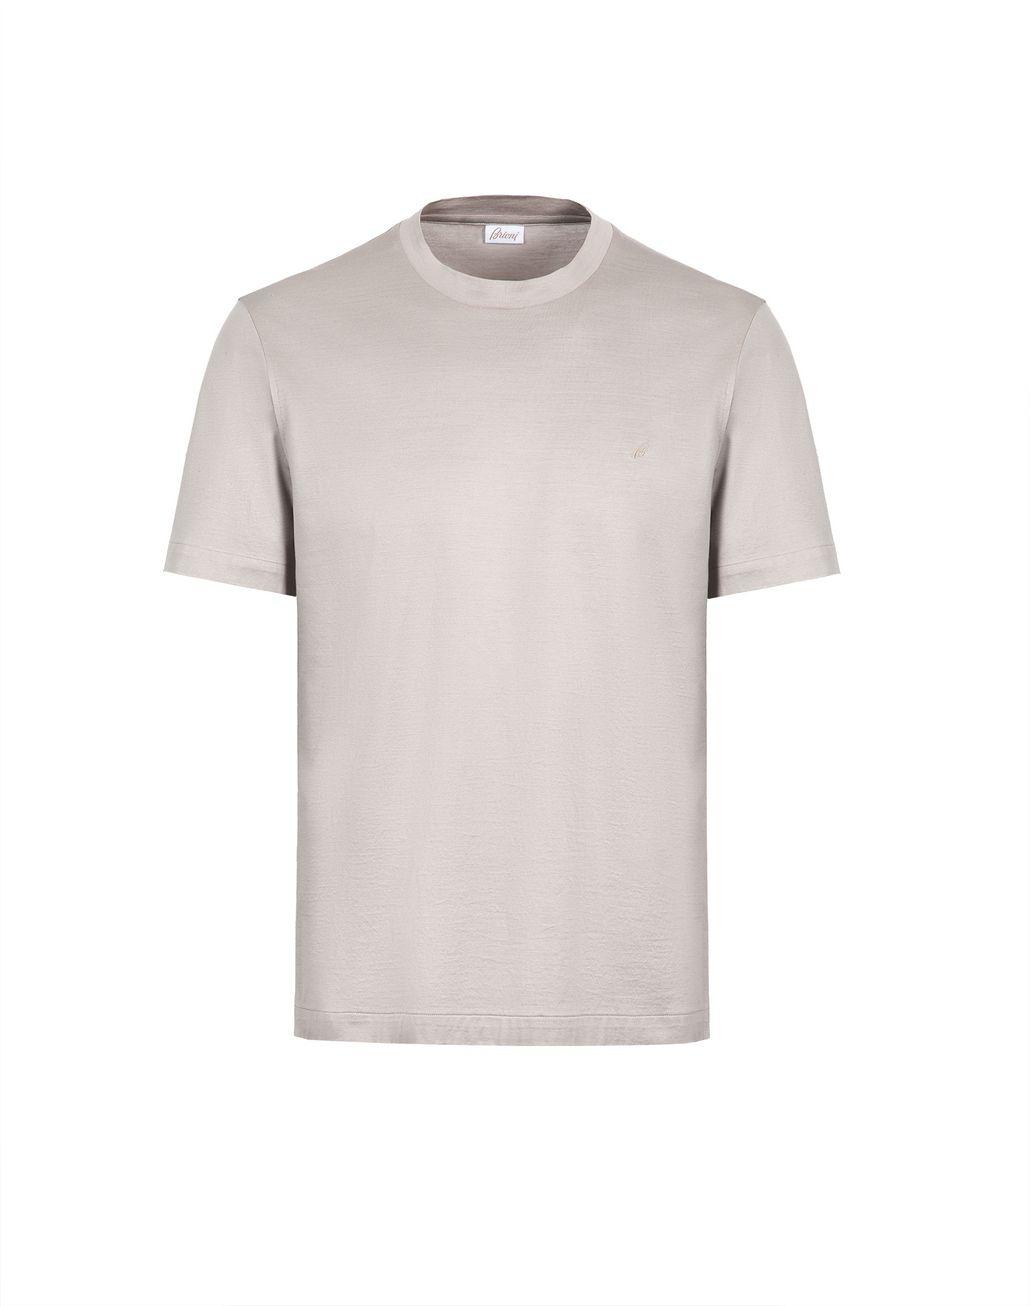 BRIONI T-shirt avec logo beige T-shirts & polos Homme f